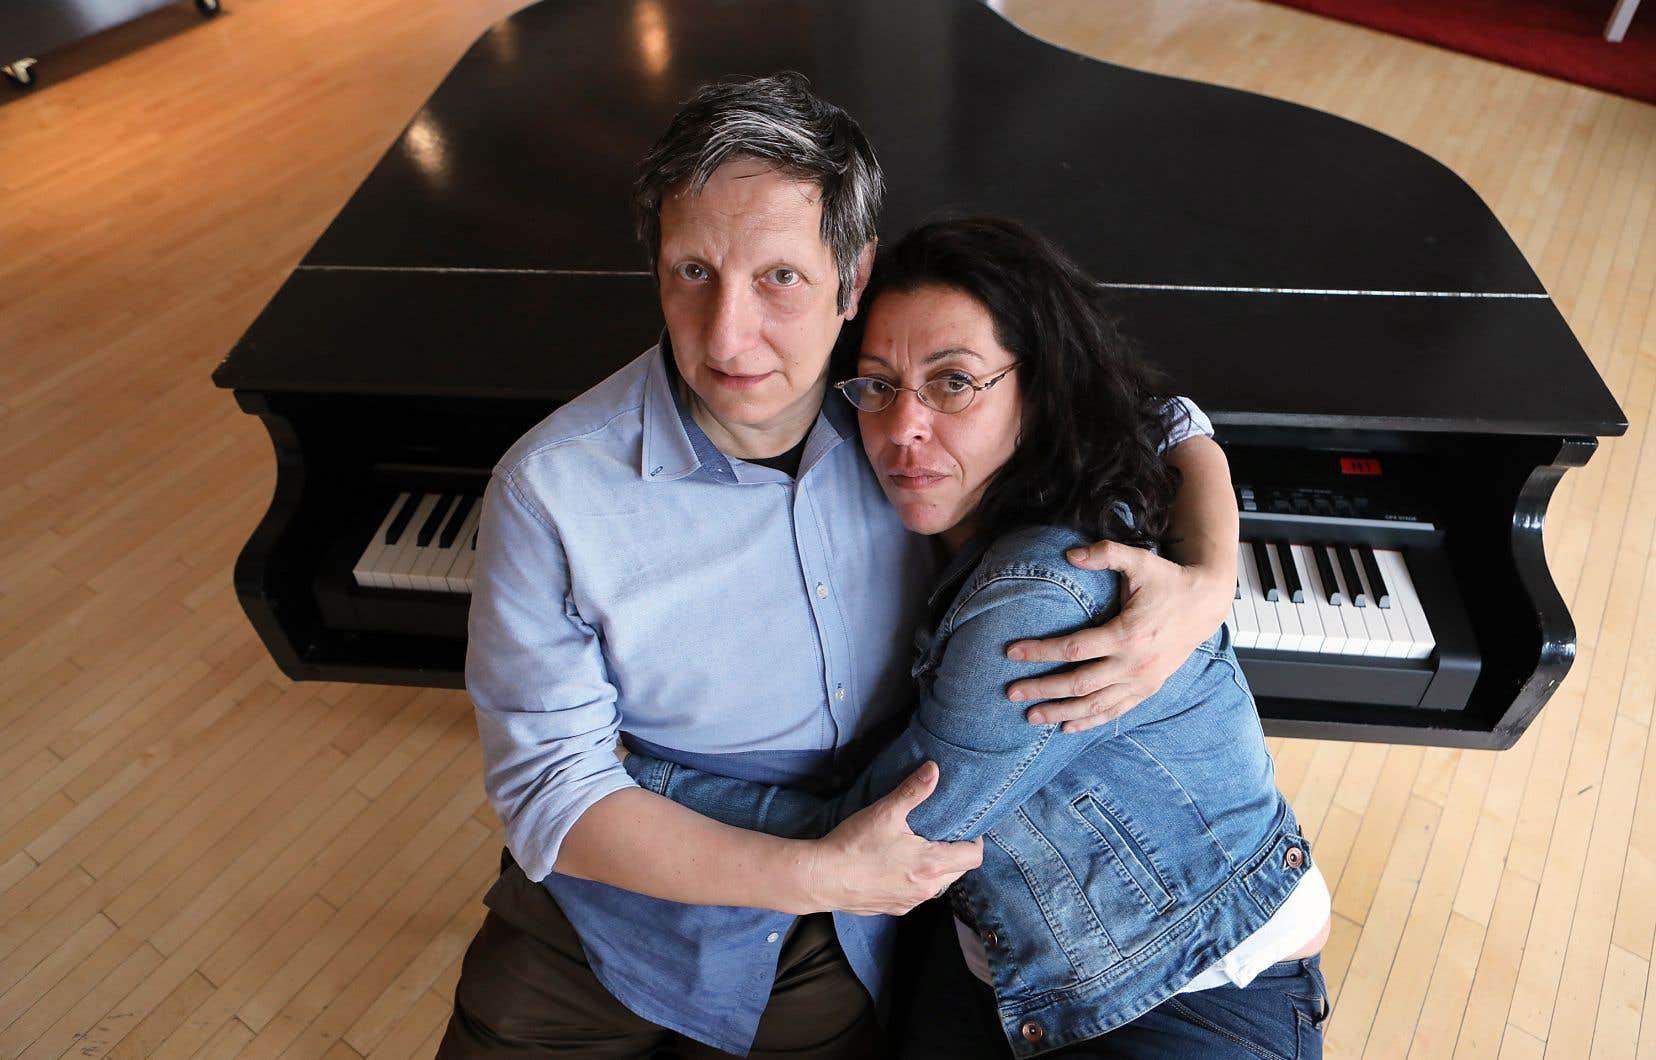 Le metteur en scène Robert Lepage et la chanteuse Betty Bonifassi ne se sont pas encore exprimés publiquement sur la polémique autour de leur spectacle. Sur la photo, on les aperçoit quelques jours avant la première du spectacle.